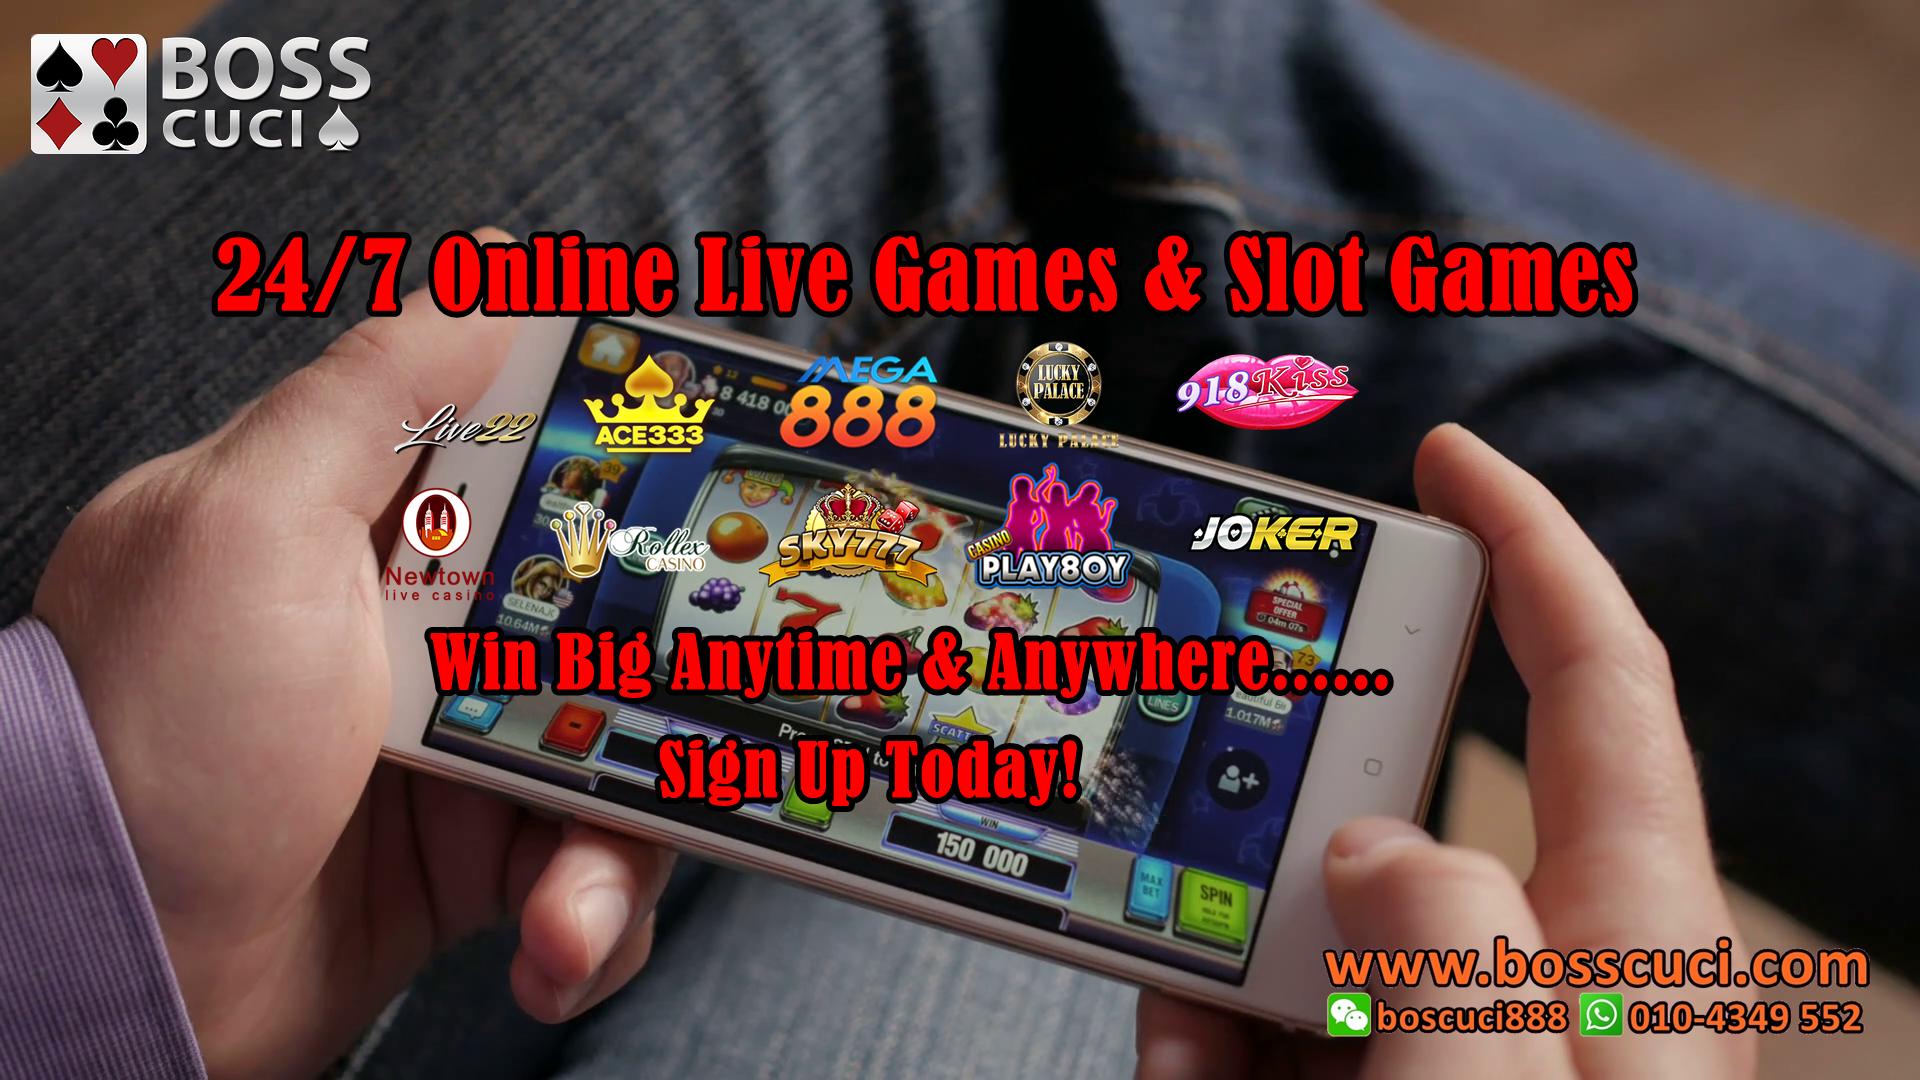 in welchem online casino kann man book of ra spielen